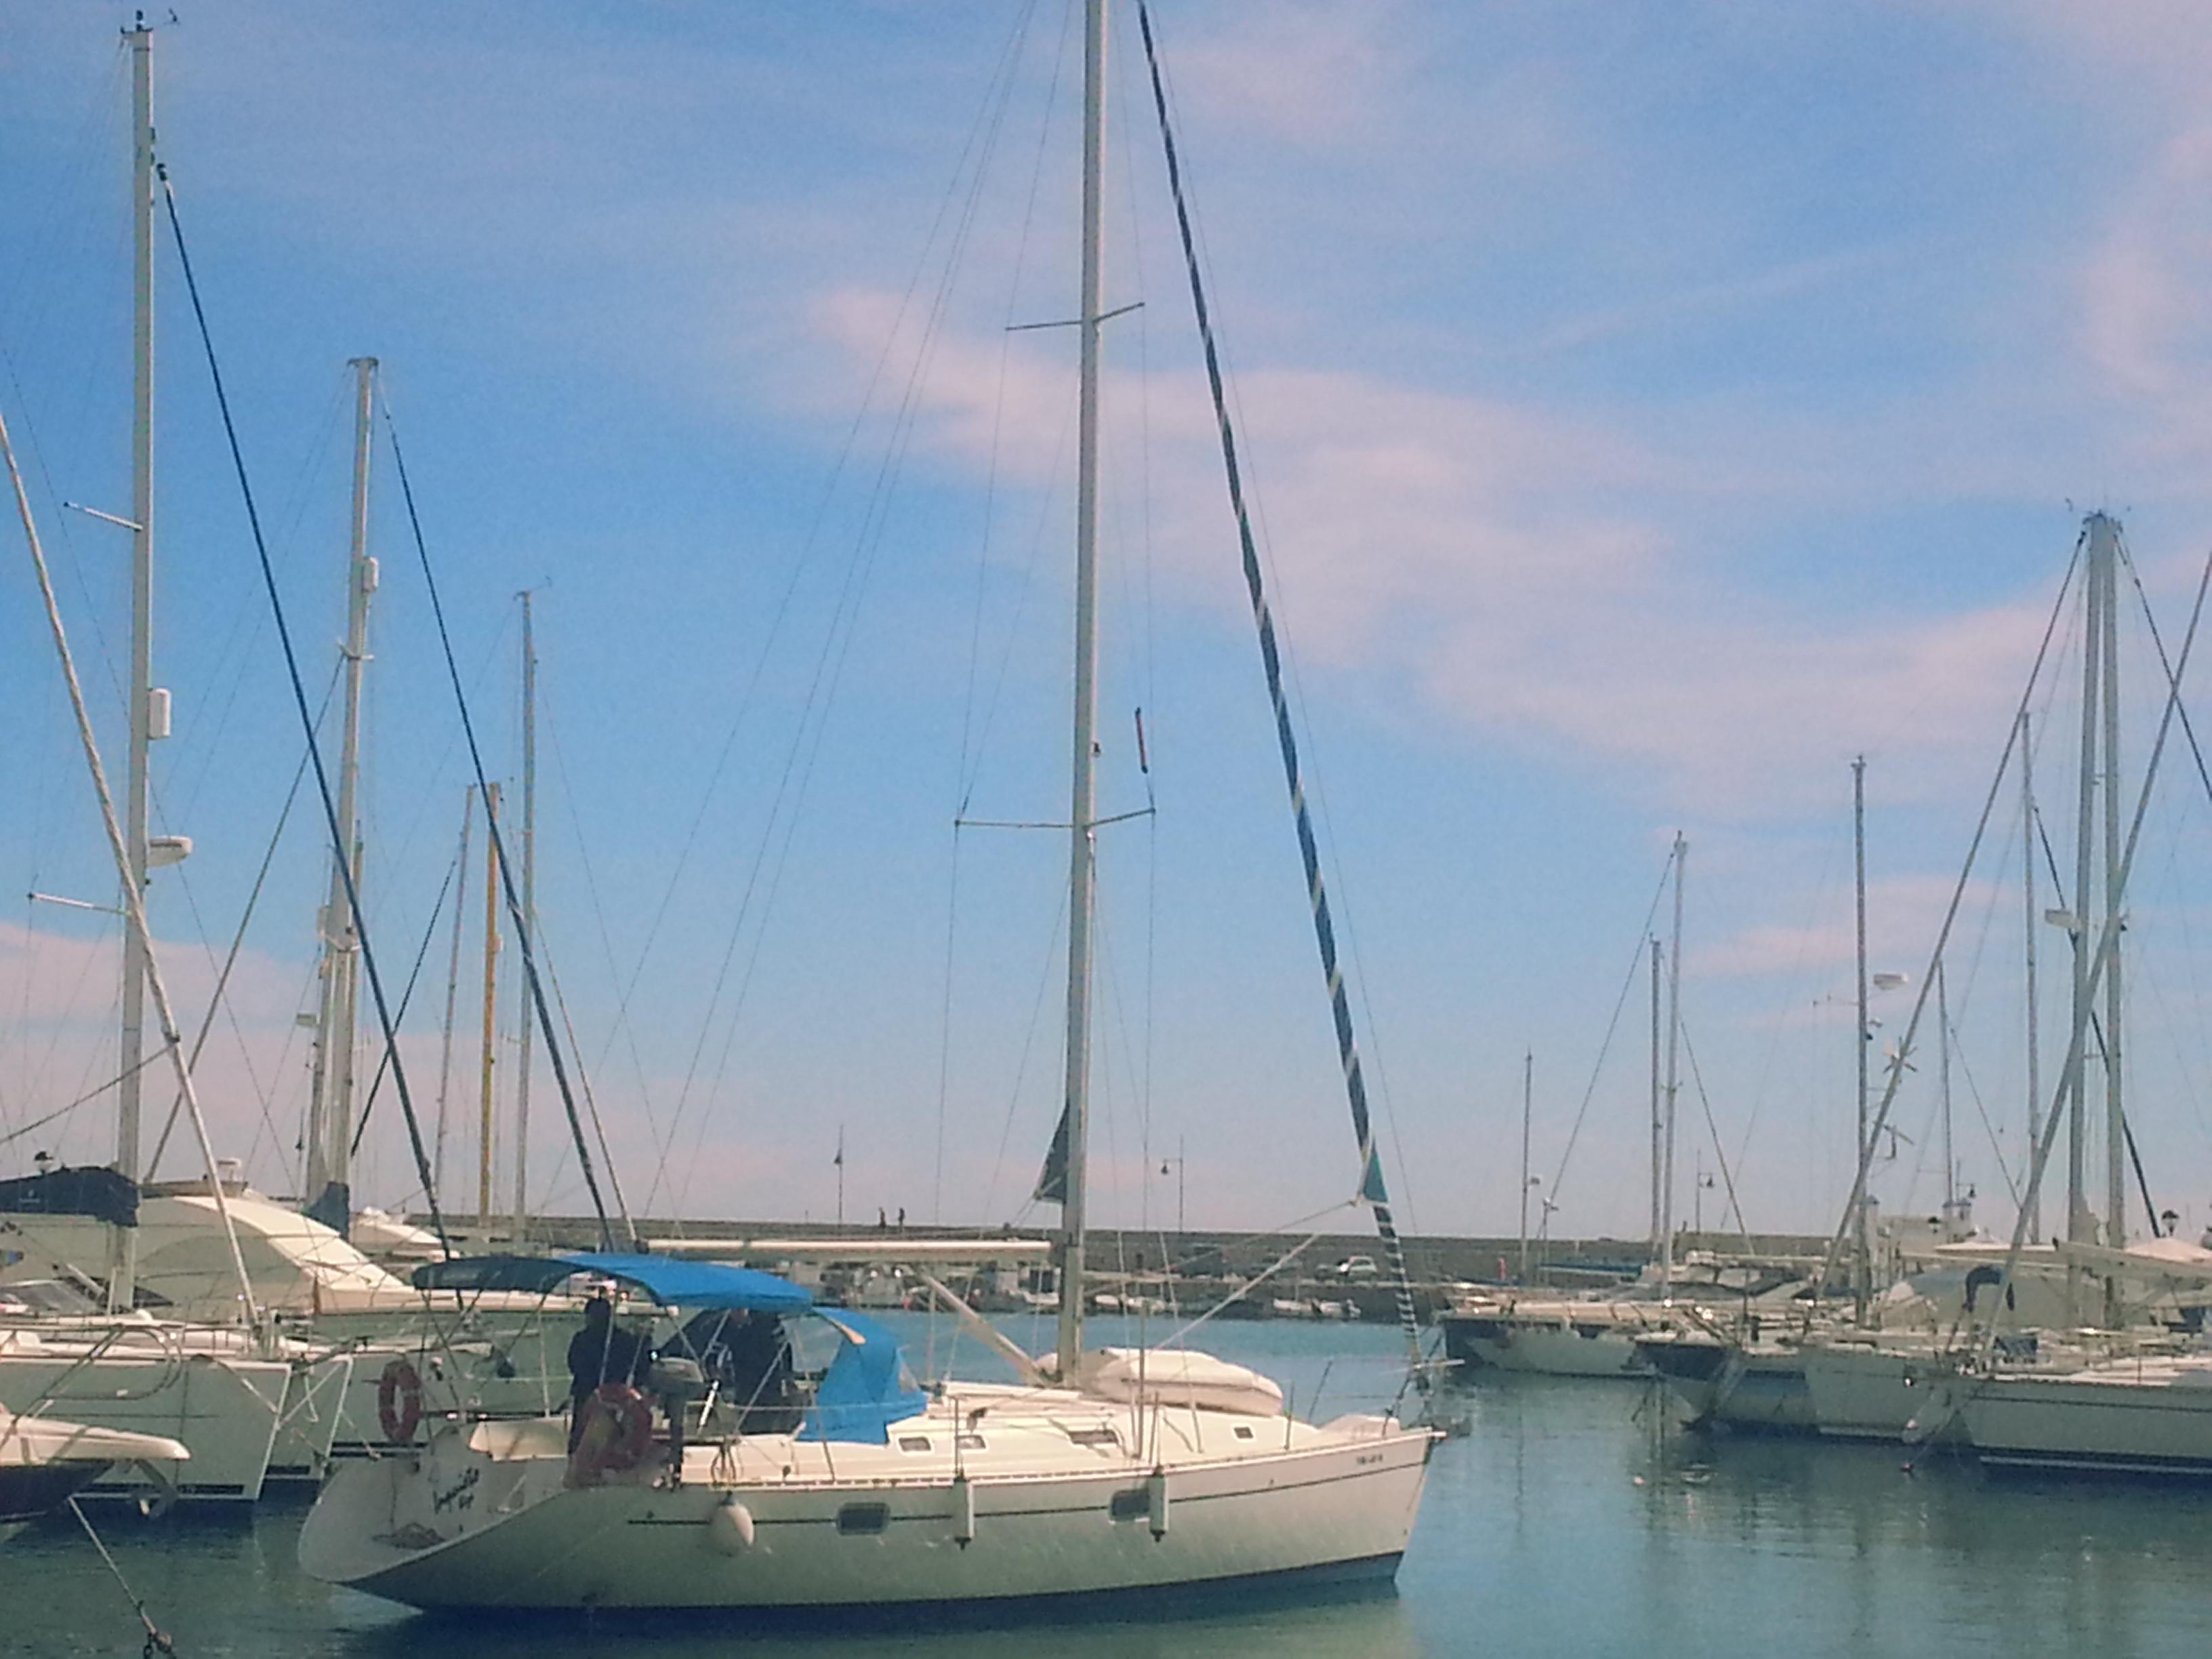 Oceanis 351 in the port of Estepona /Oceanis 351 en el puerto de Estepona